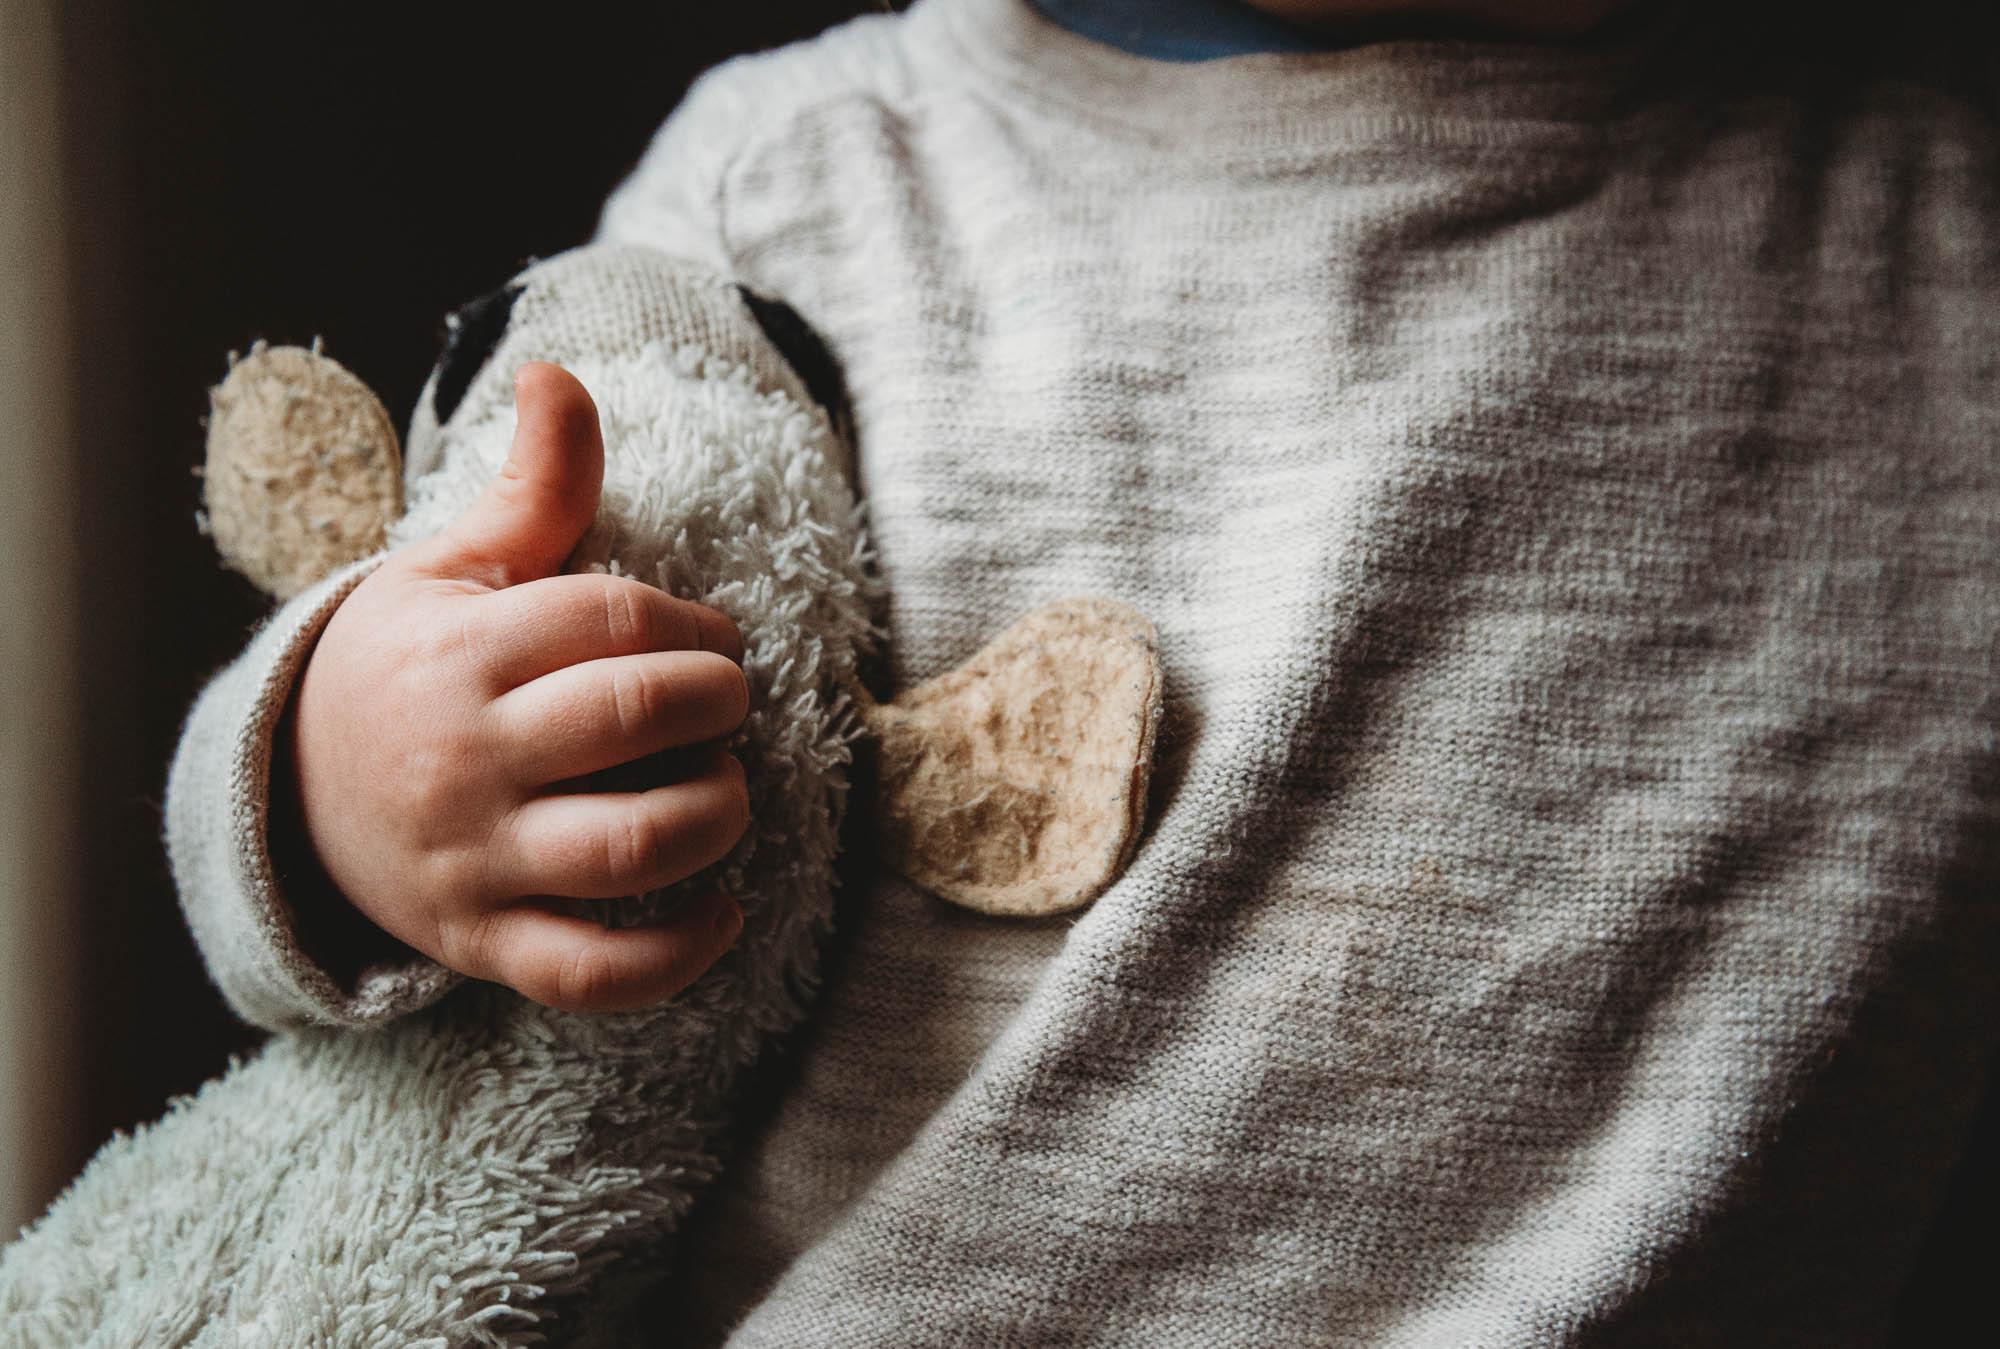 child-cuddling-soft-toy